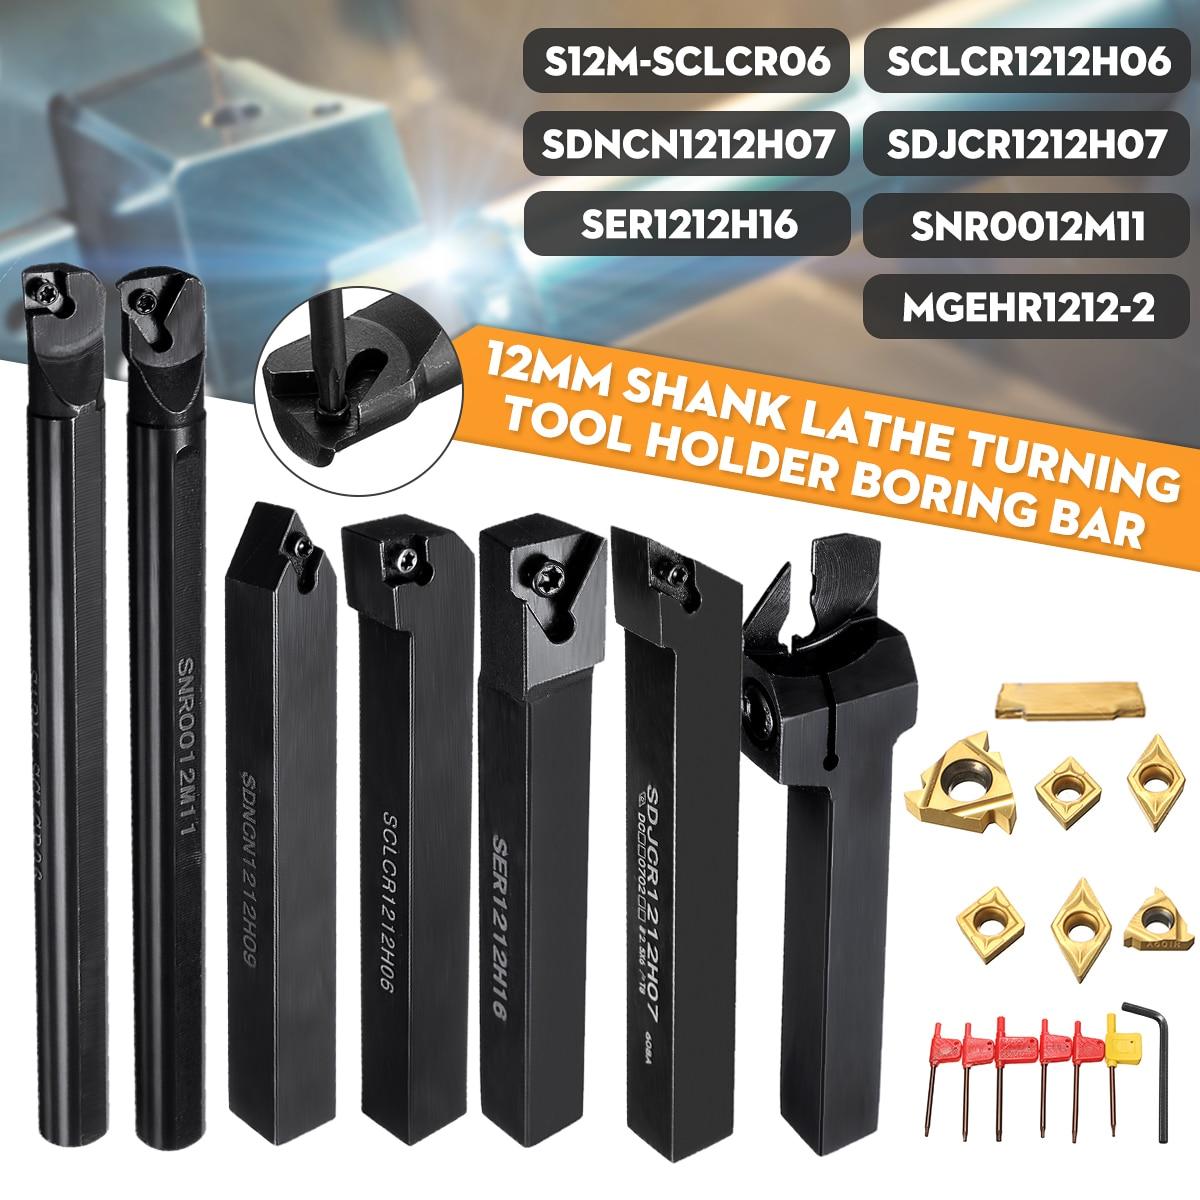 21 шт./компл. 12 мм хвостовик точения инструмент держатель борштанги + вставки + ключ S12M-SCLCR06/SER1212H16/SCL1212H06